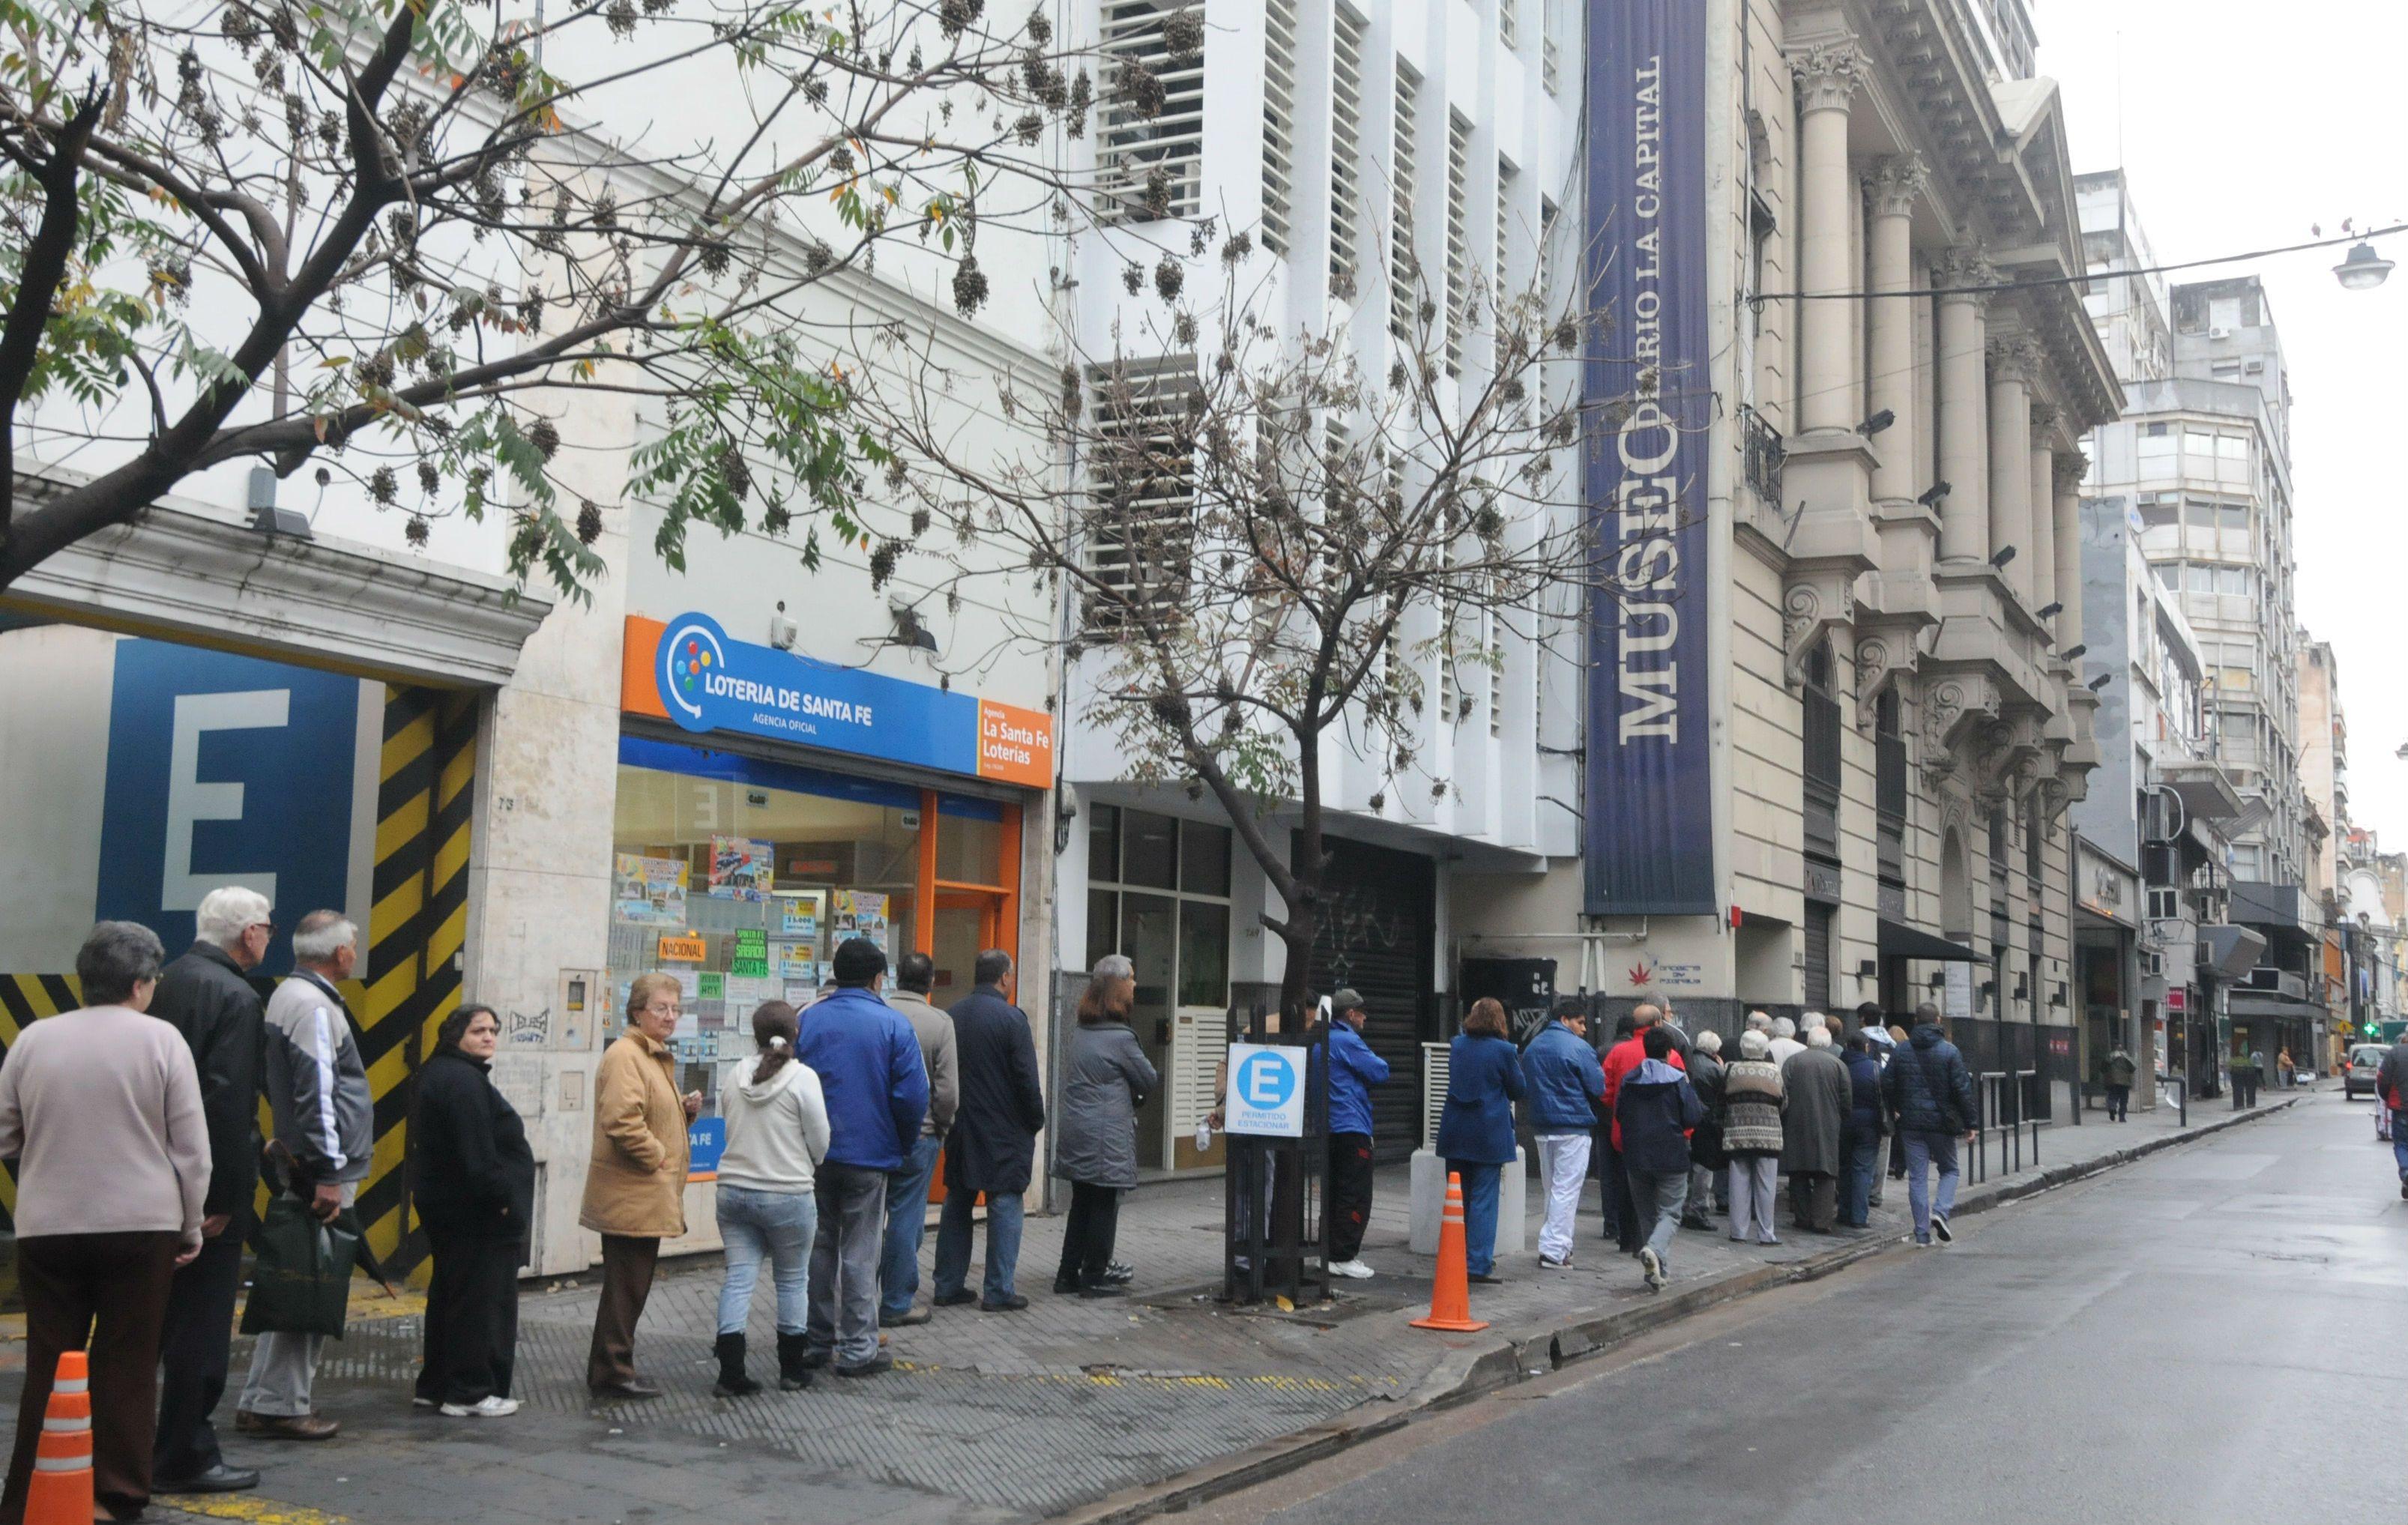 Una larga cola se formó frente a la sede del diario La Capital